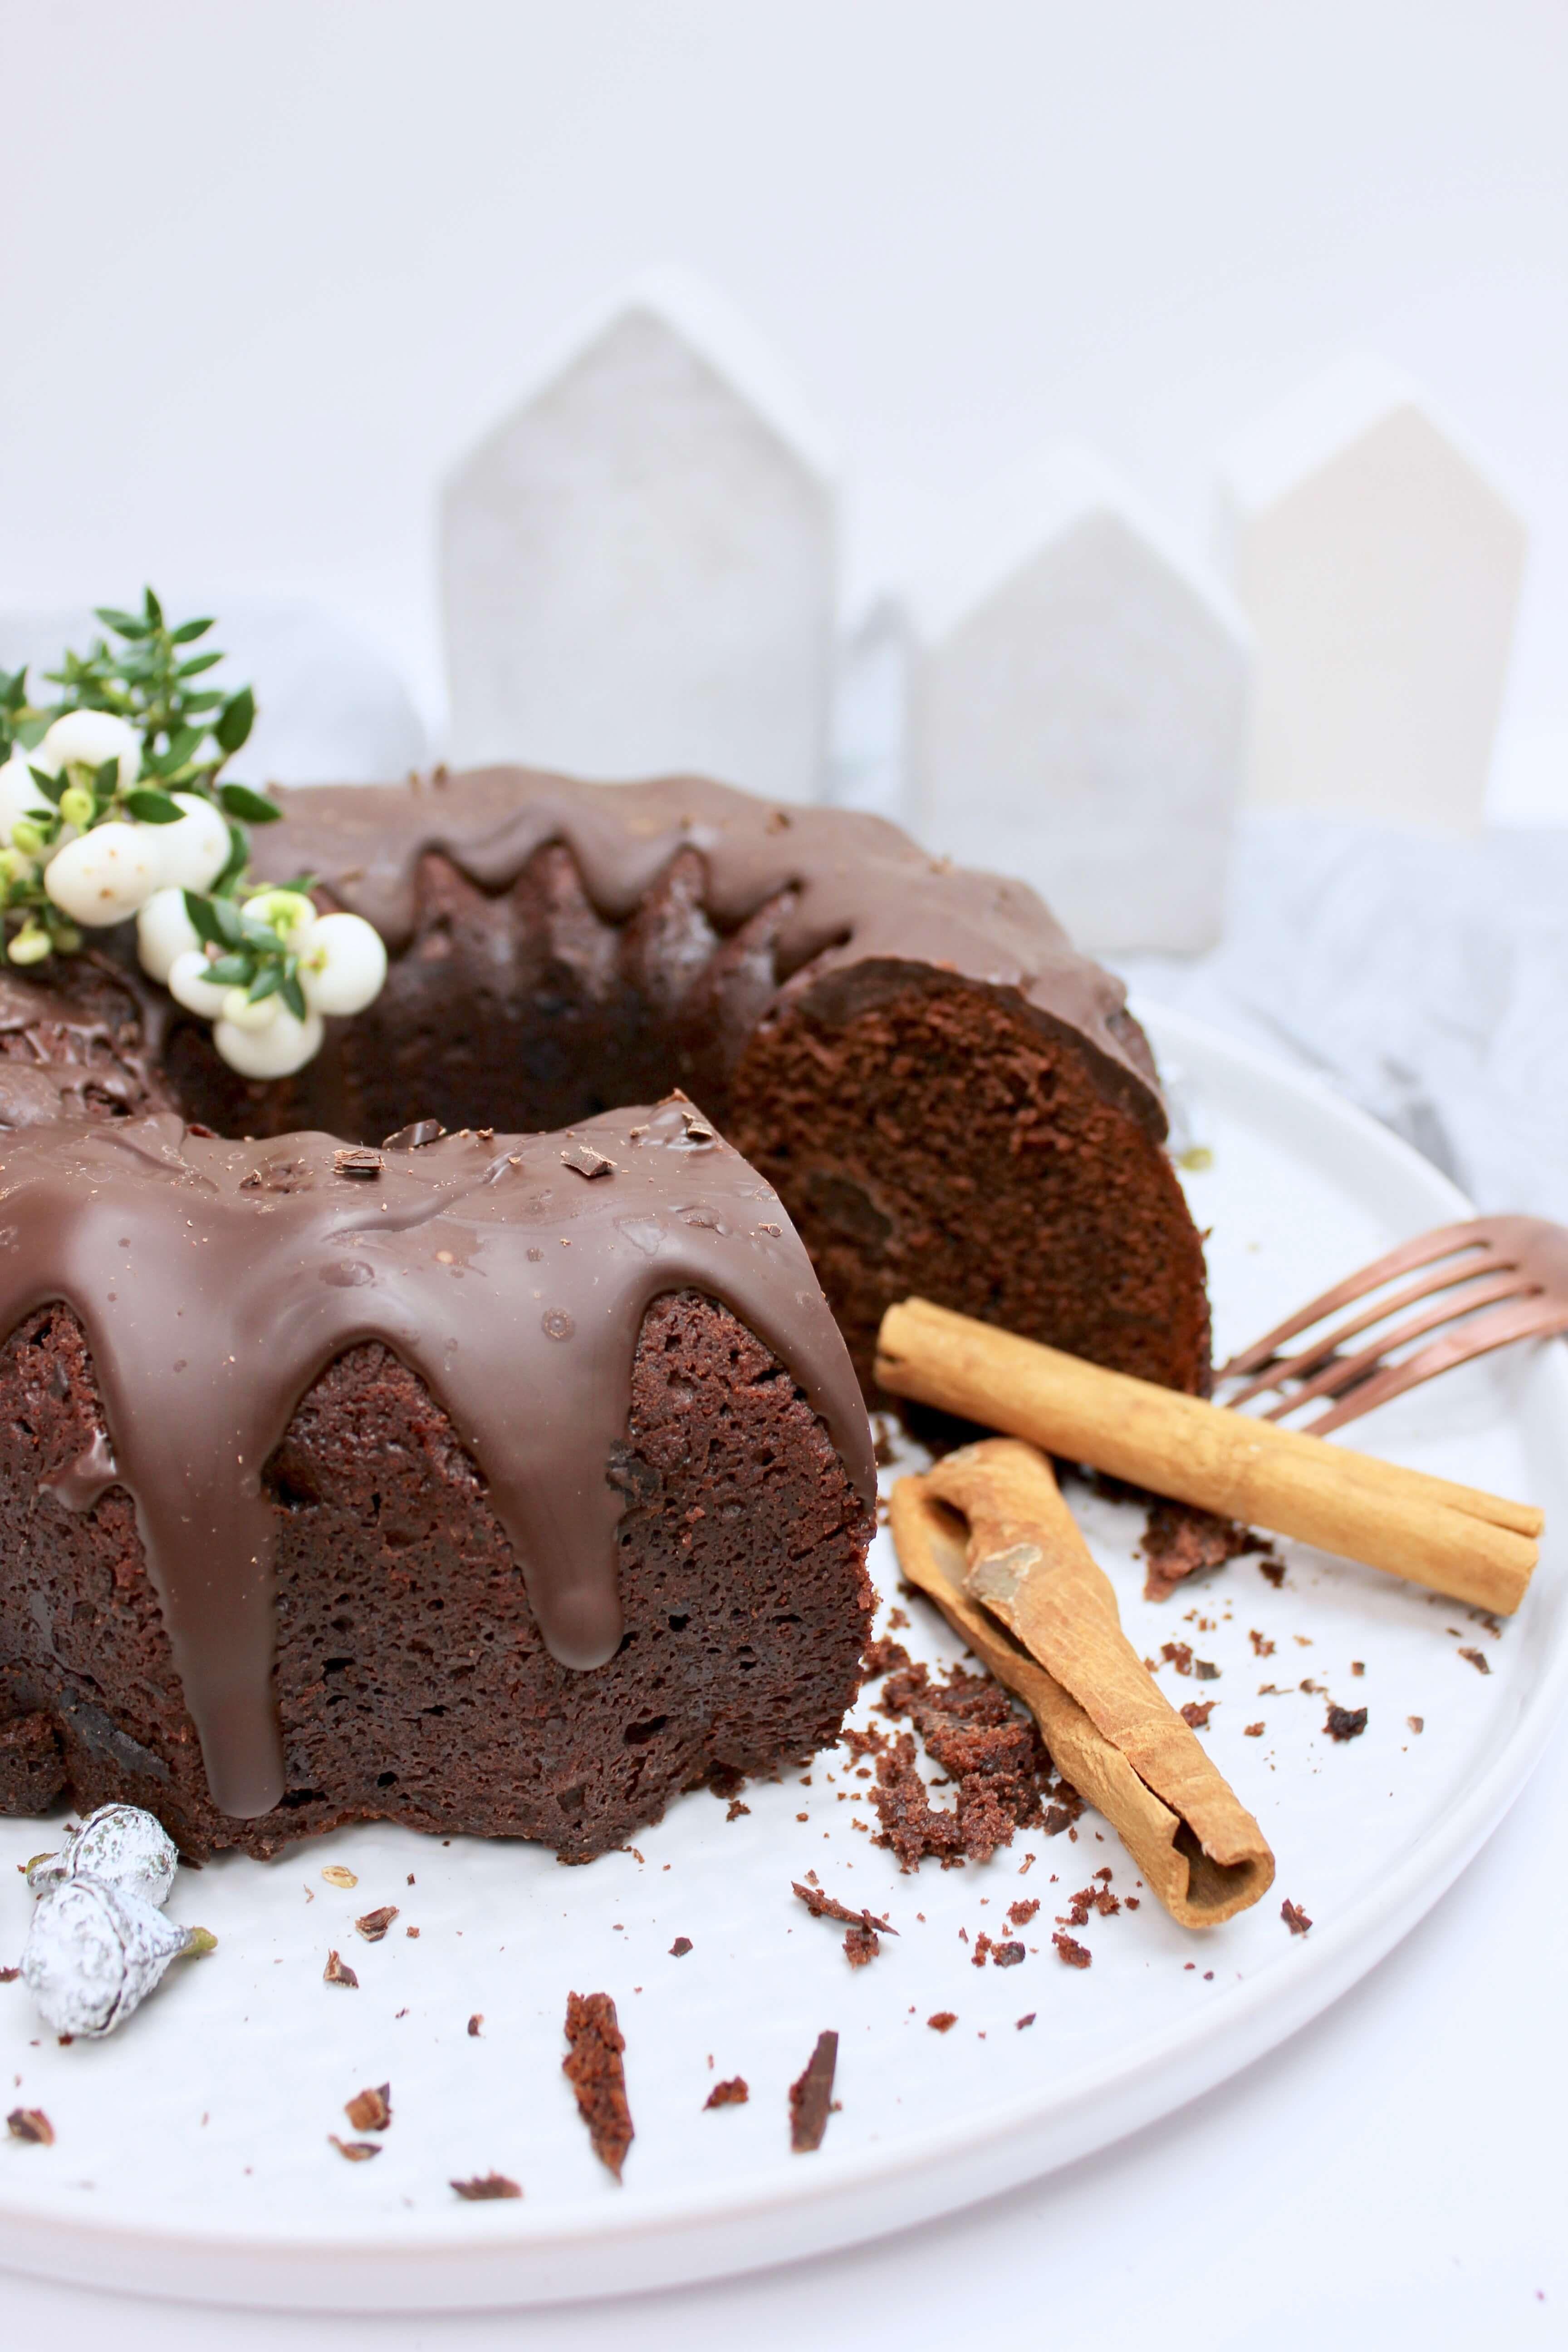 So Saftig Dieser Gluhwein Kuchen Ein Guglhupf Mit Schwipps Und Vieeel Schokolade Gluhweinkuchen Kuchen Und Torten Kuchen